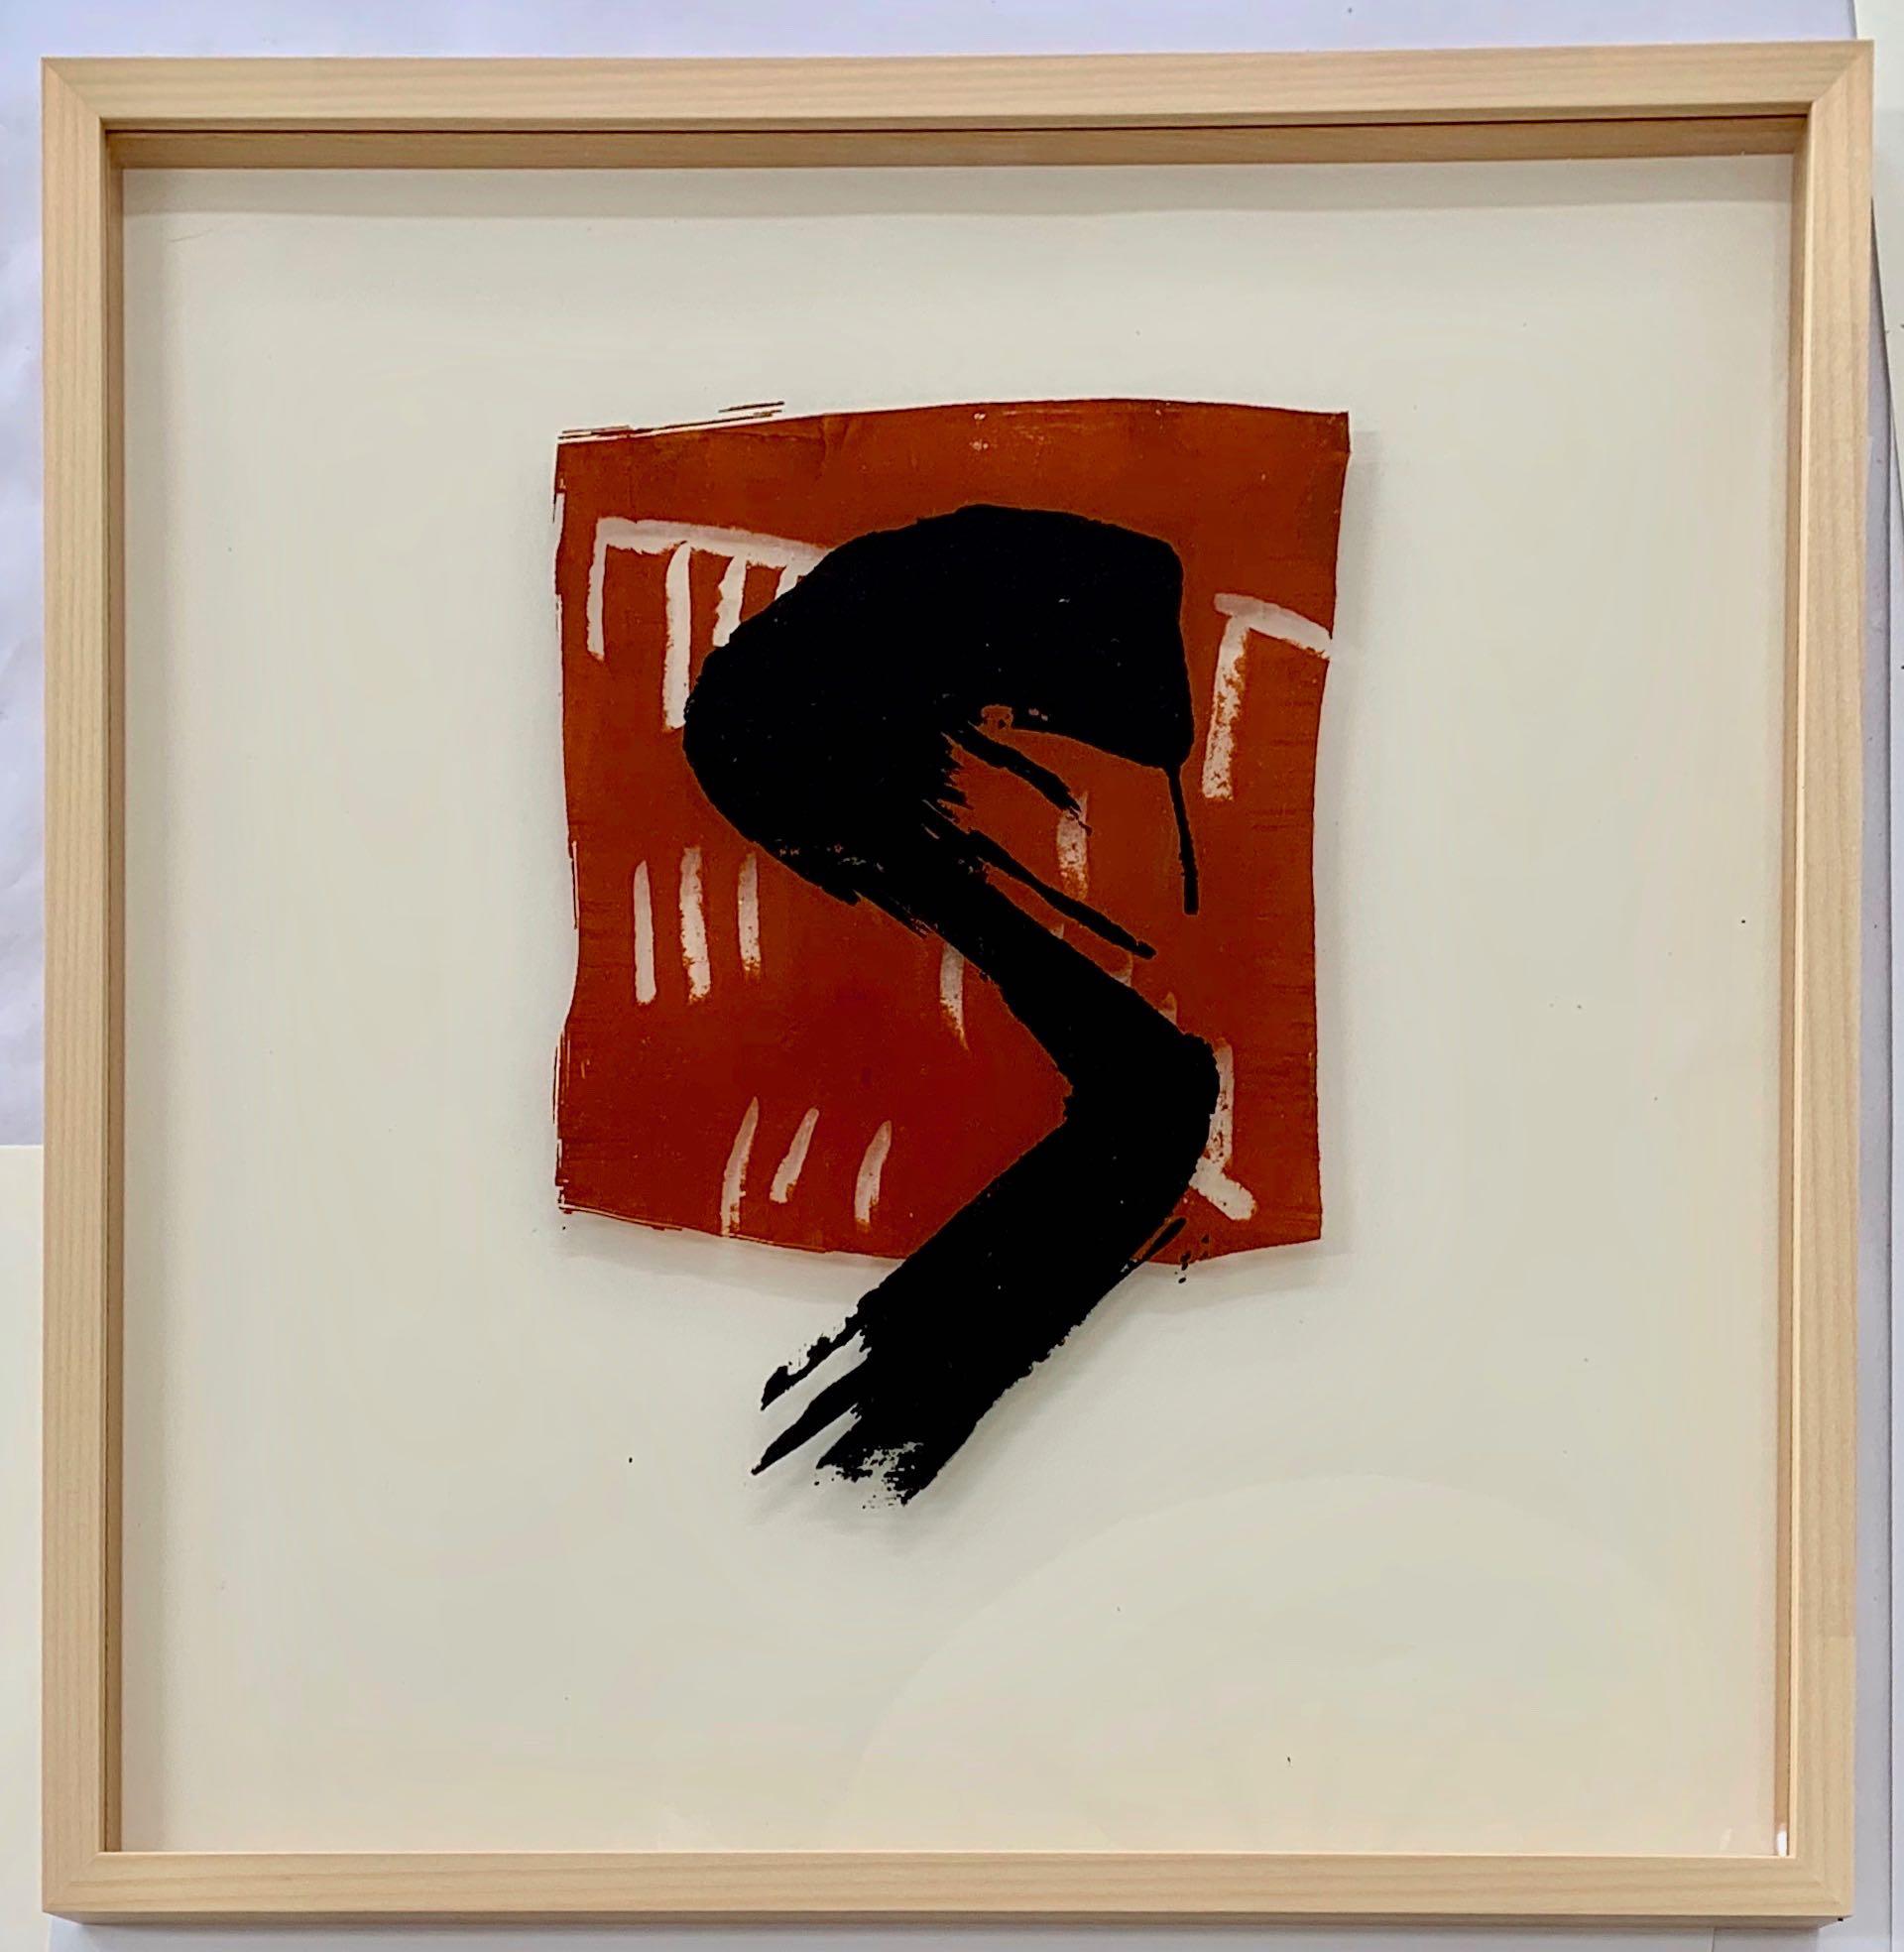 Swoosh braun, Siebdruck auf Acrylglas, 50 x 50 cm, gerahmt, 2019